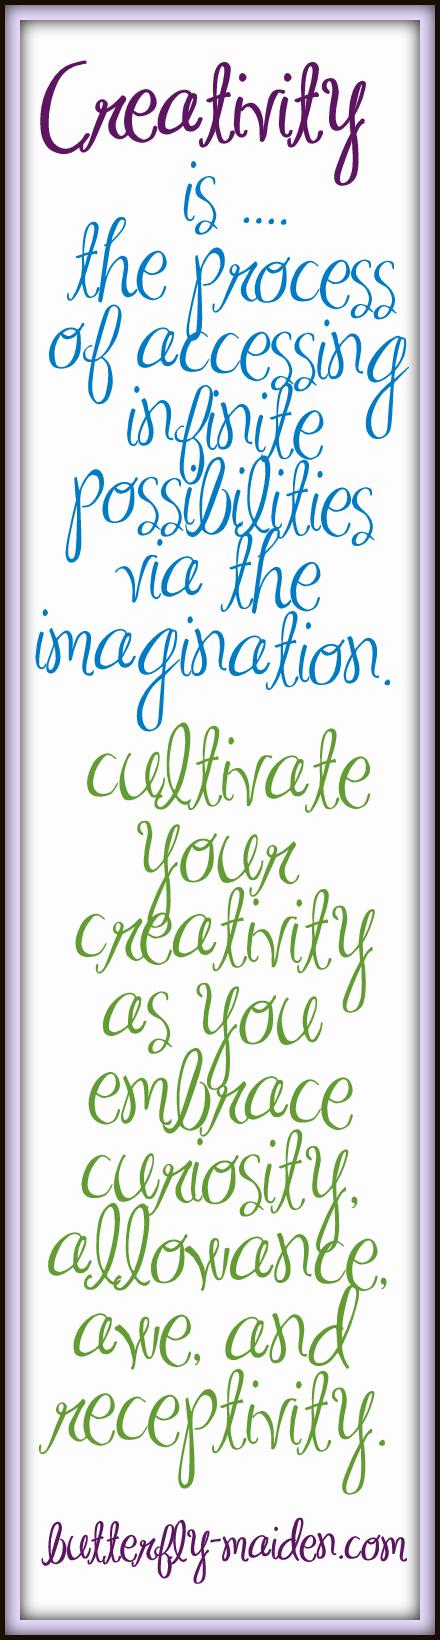 Creativity  - What does creativity mean to you? Creatività - Cosa significa per voi essere creativi?